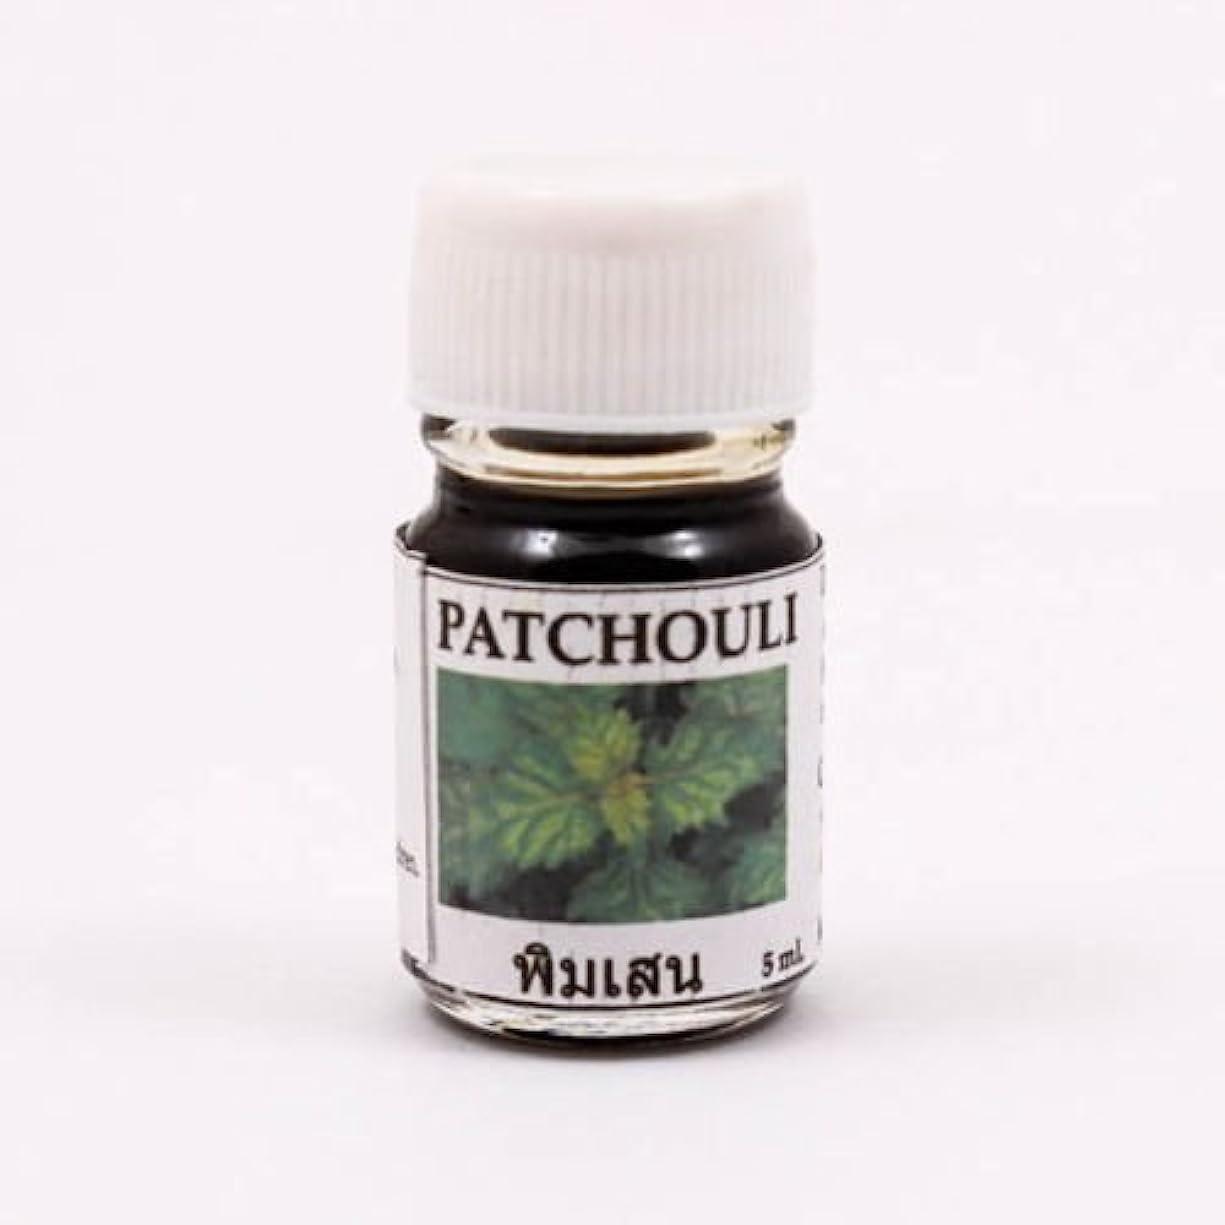 学習者煙突桃6X Patchouli Aroma Fragrance Essential Oil 5ML. cc Diffuser Burner Therapy